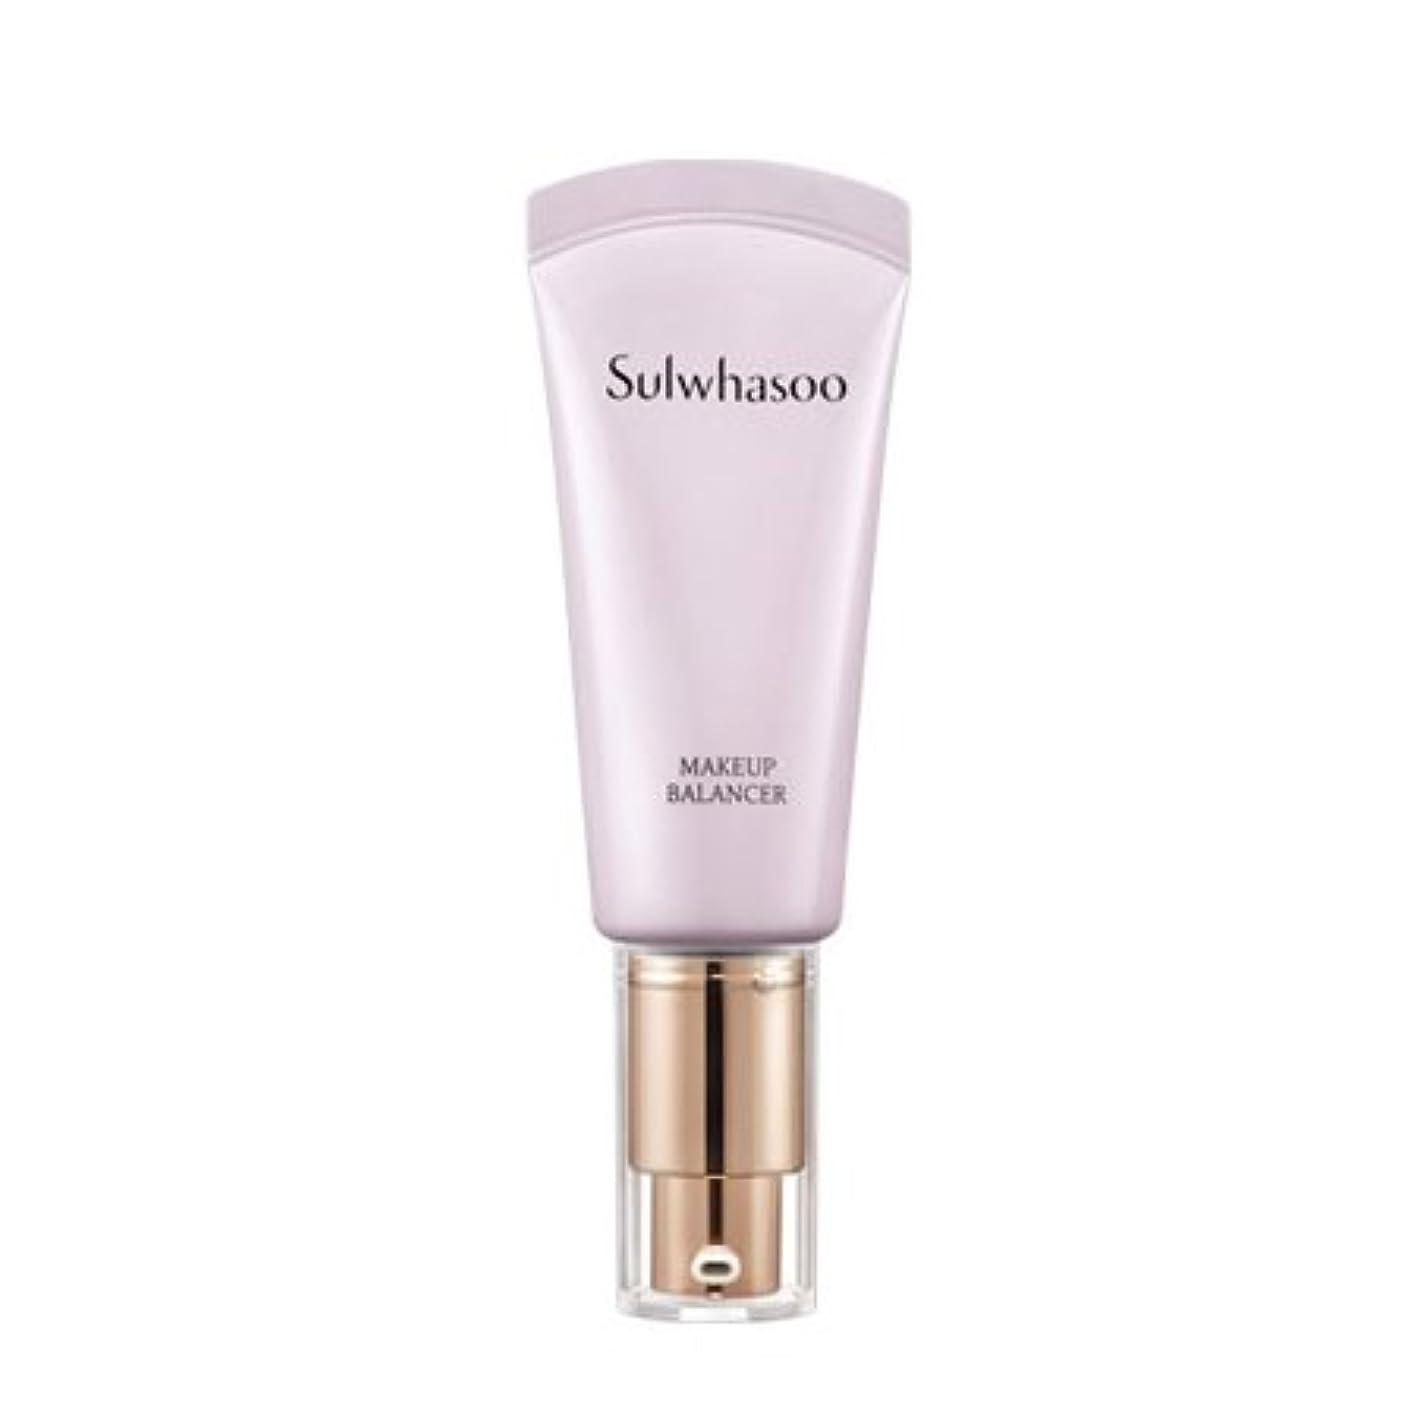 統合するカラスアミューズメント[Sulwhasoo] Makeup Balancer メイクアップバランサ (2. Light Purple) 35ml [並行輸入品]